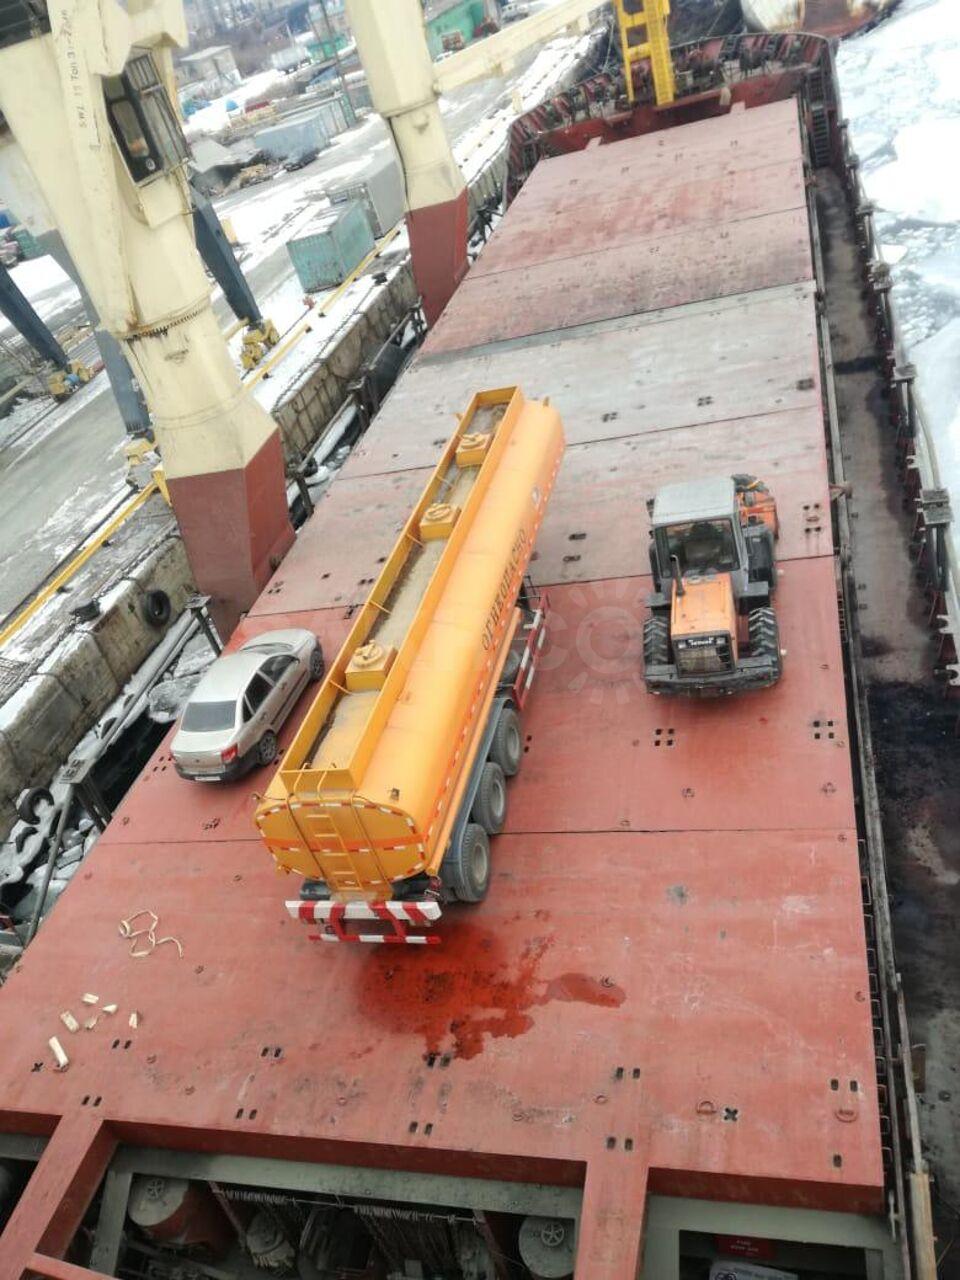 d67994cca41dd доставка автомобиля с Владивостока - 30000 руб. Автомаркет. Услуги ...